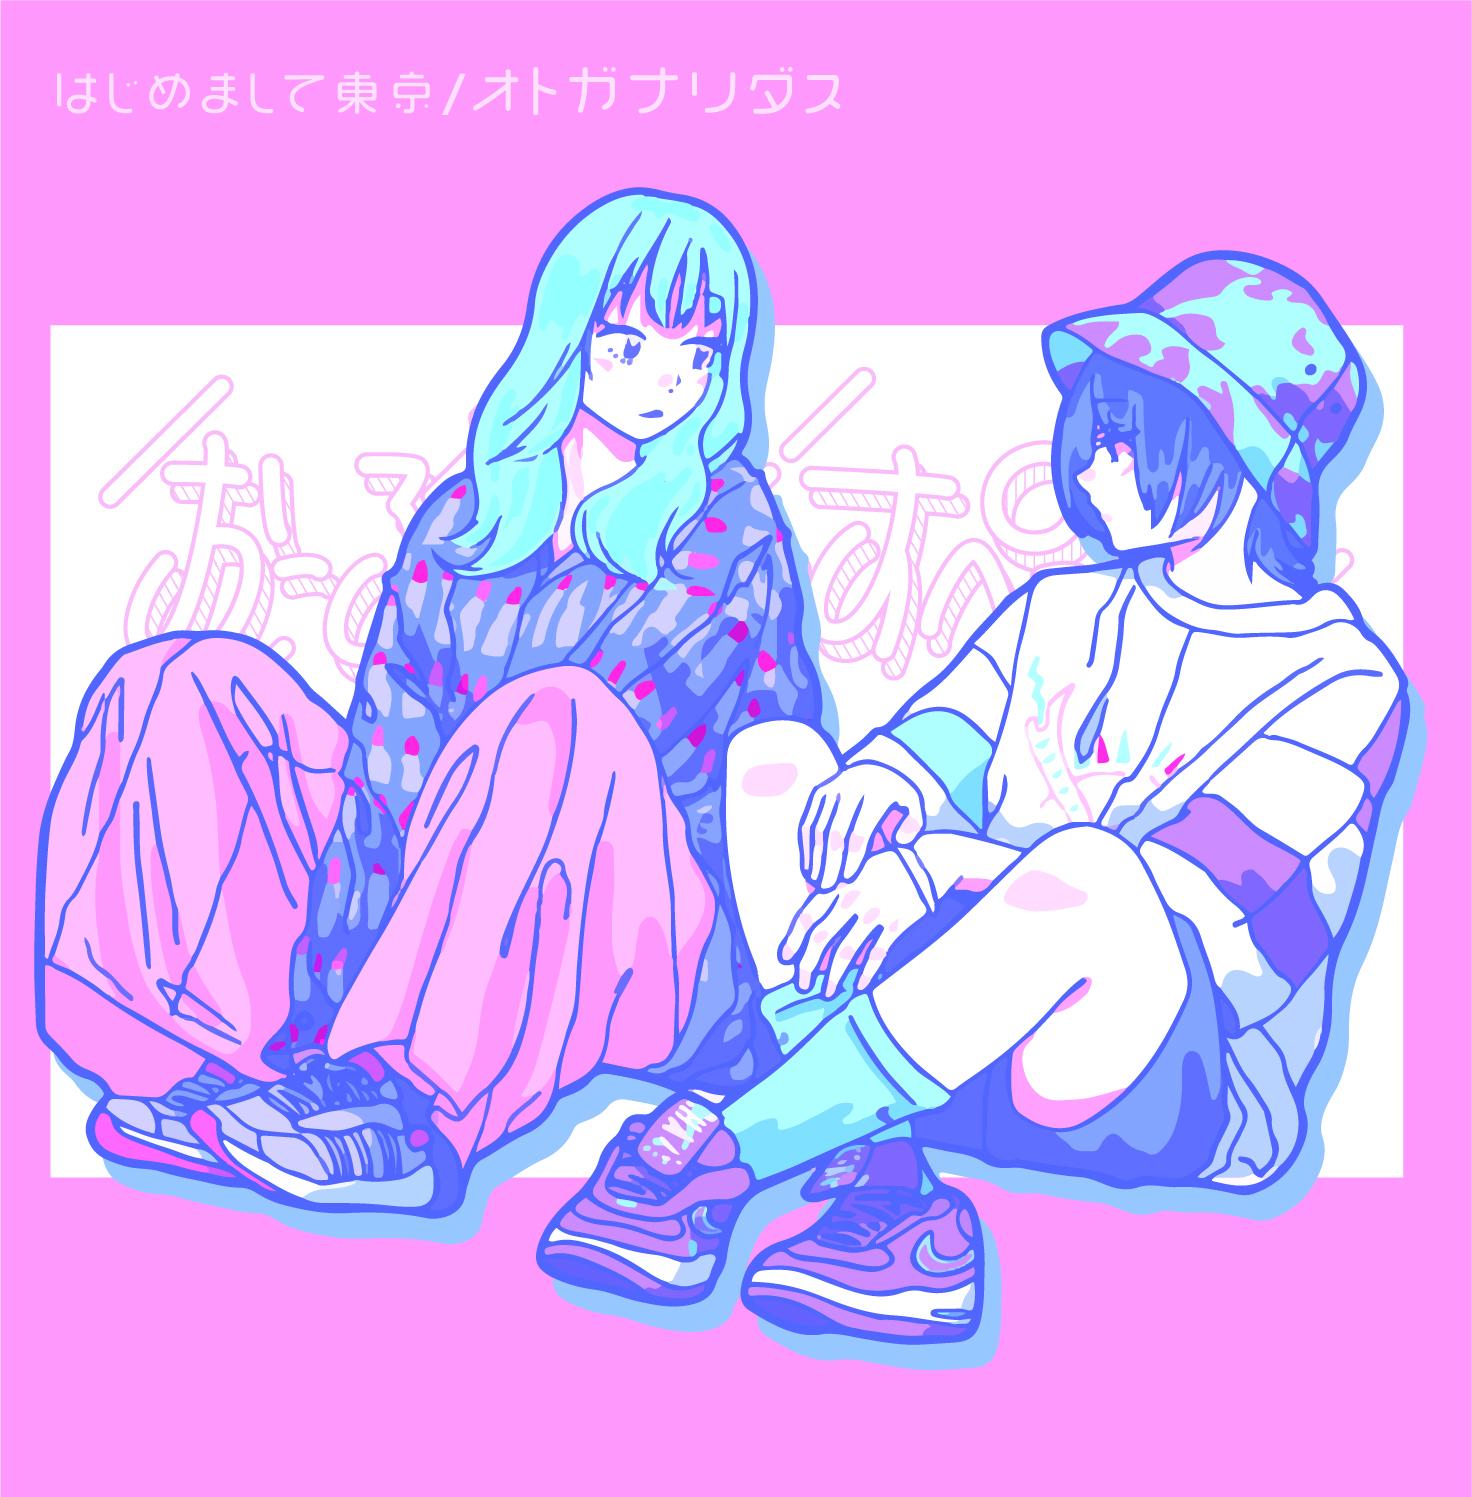 06-041 おーるどにゅーすぺーぱー – はじめまして東京/オトガナリダス TYPE B